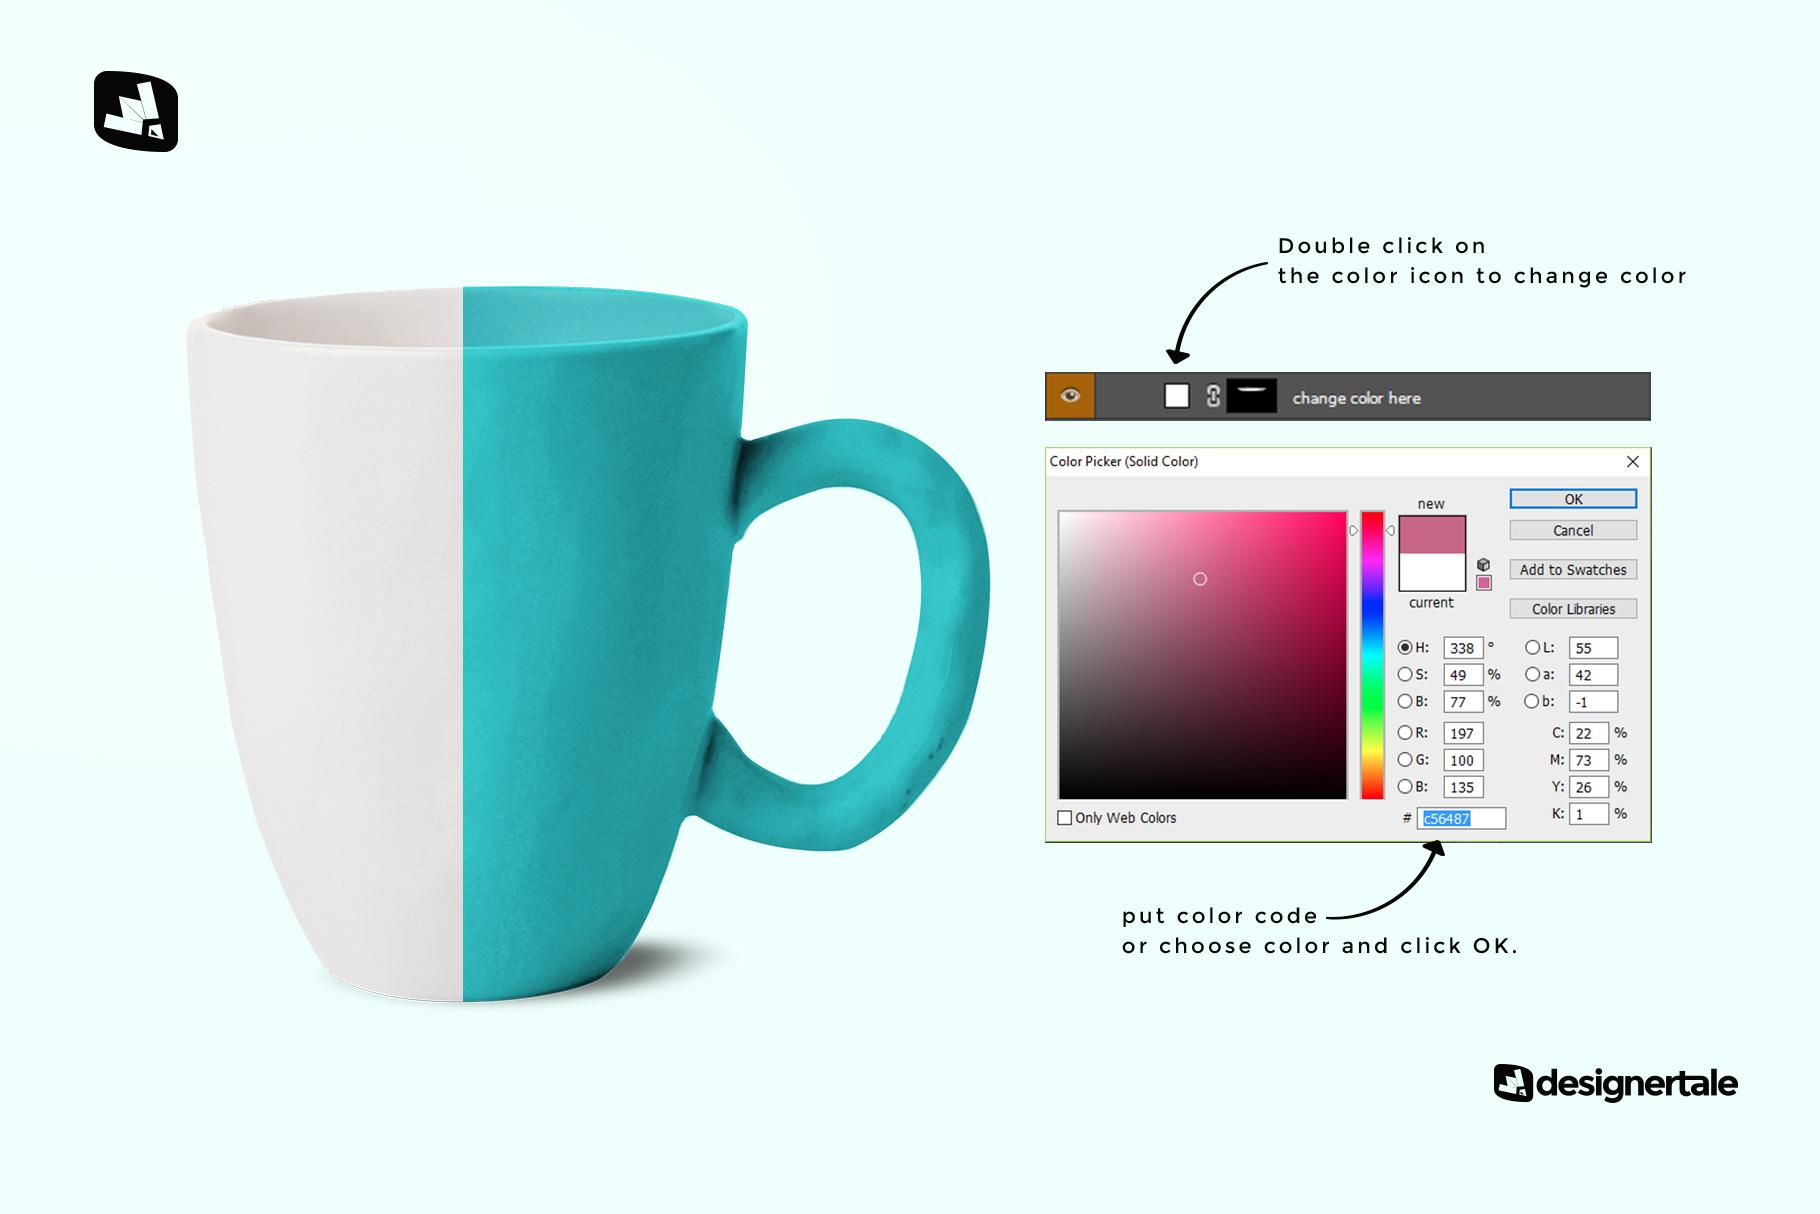 how to change color of the ceramic mug set mockup